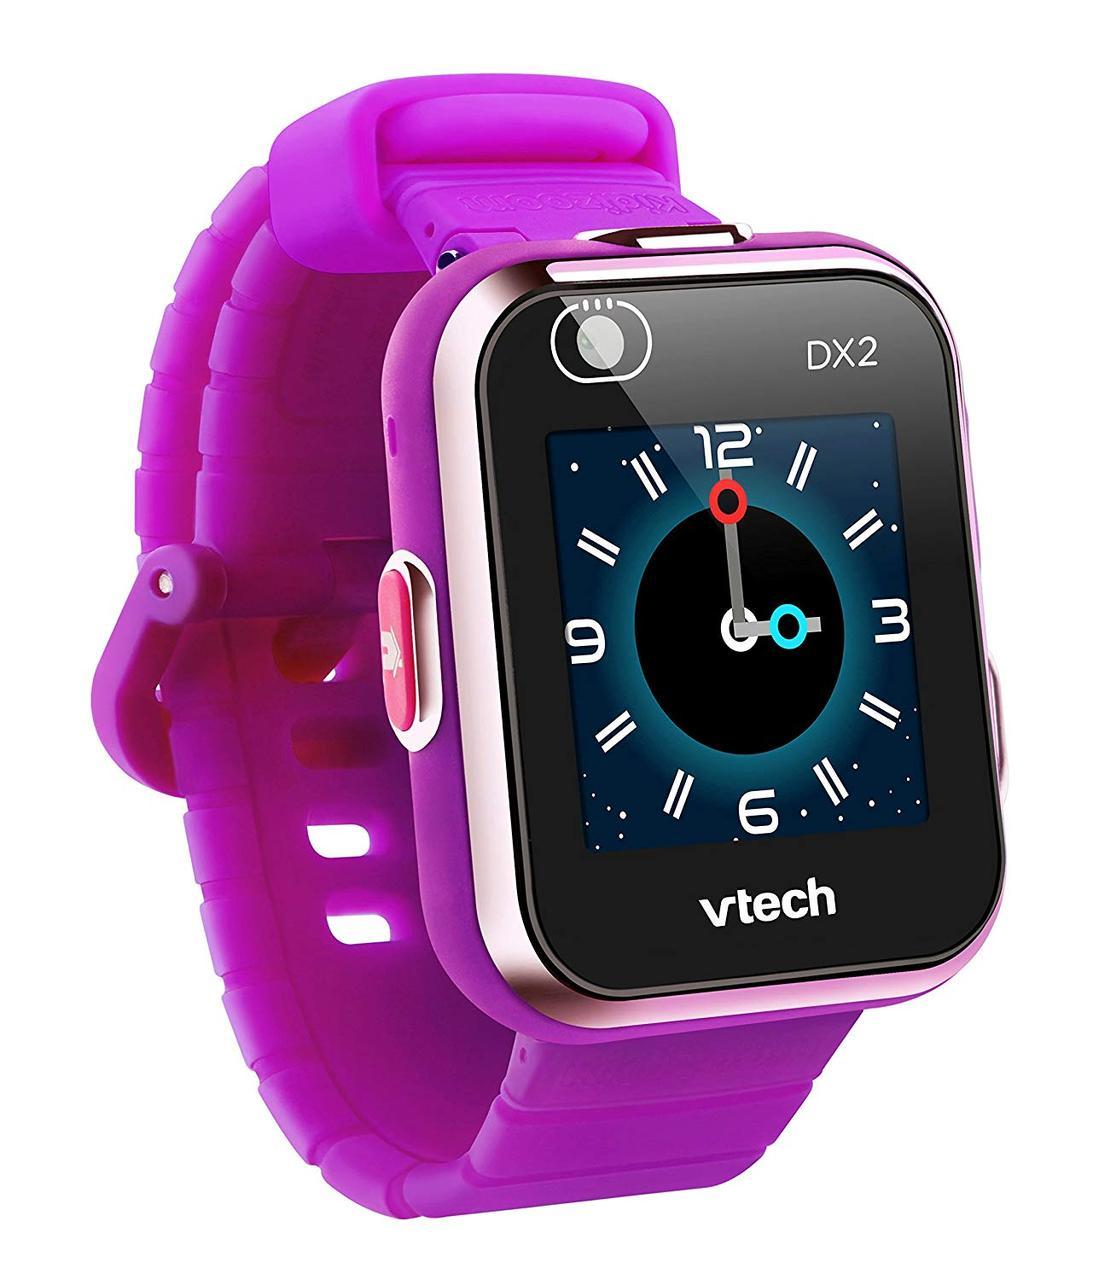 Дитячий смарт-годинник VTech Kidizoom Smart Watch Dx2